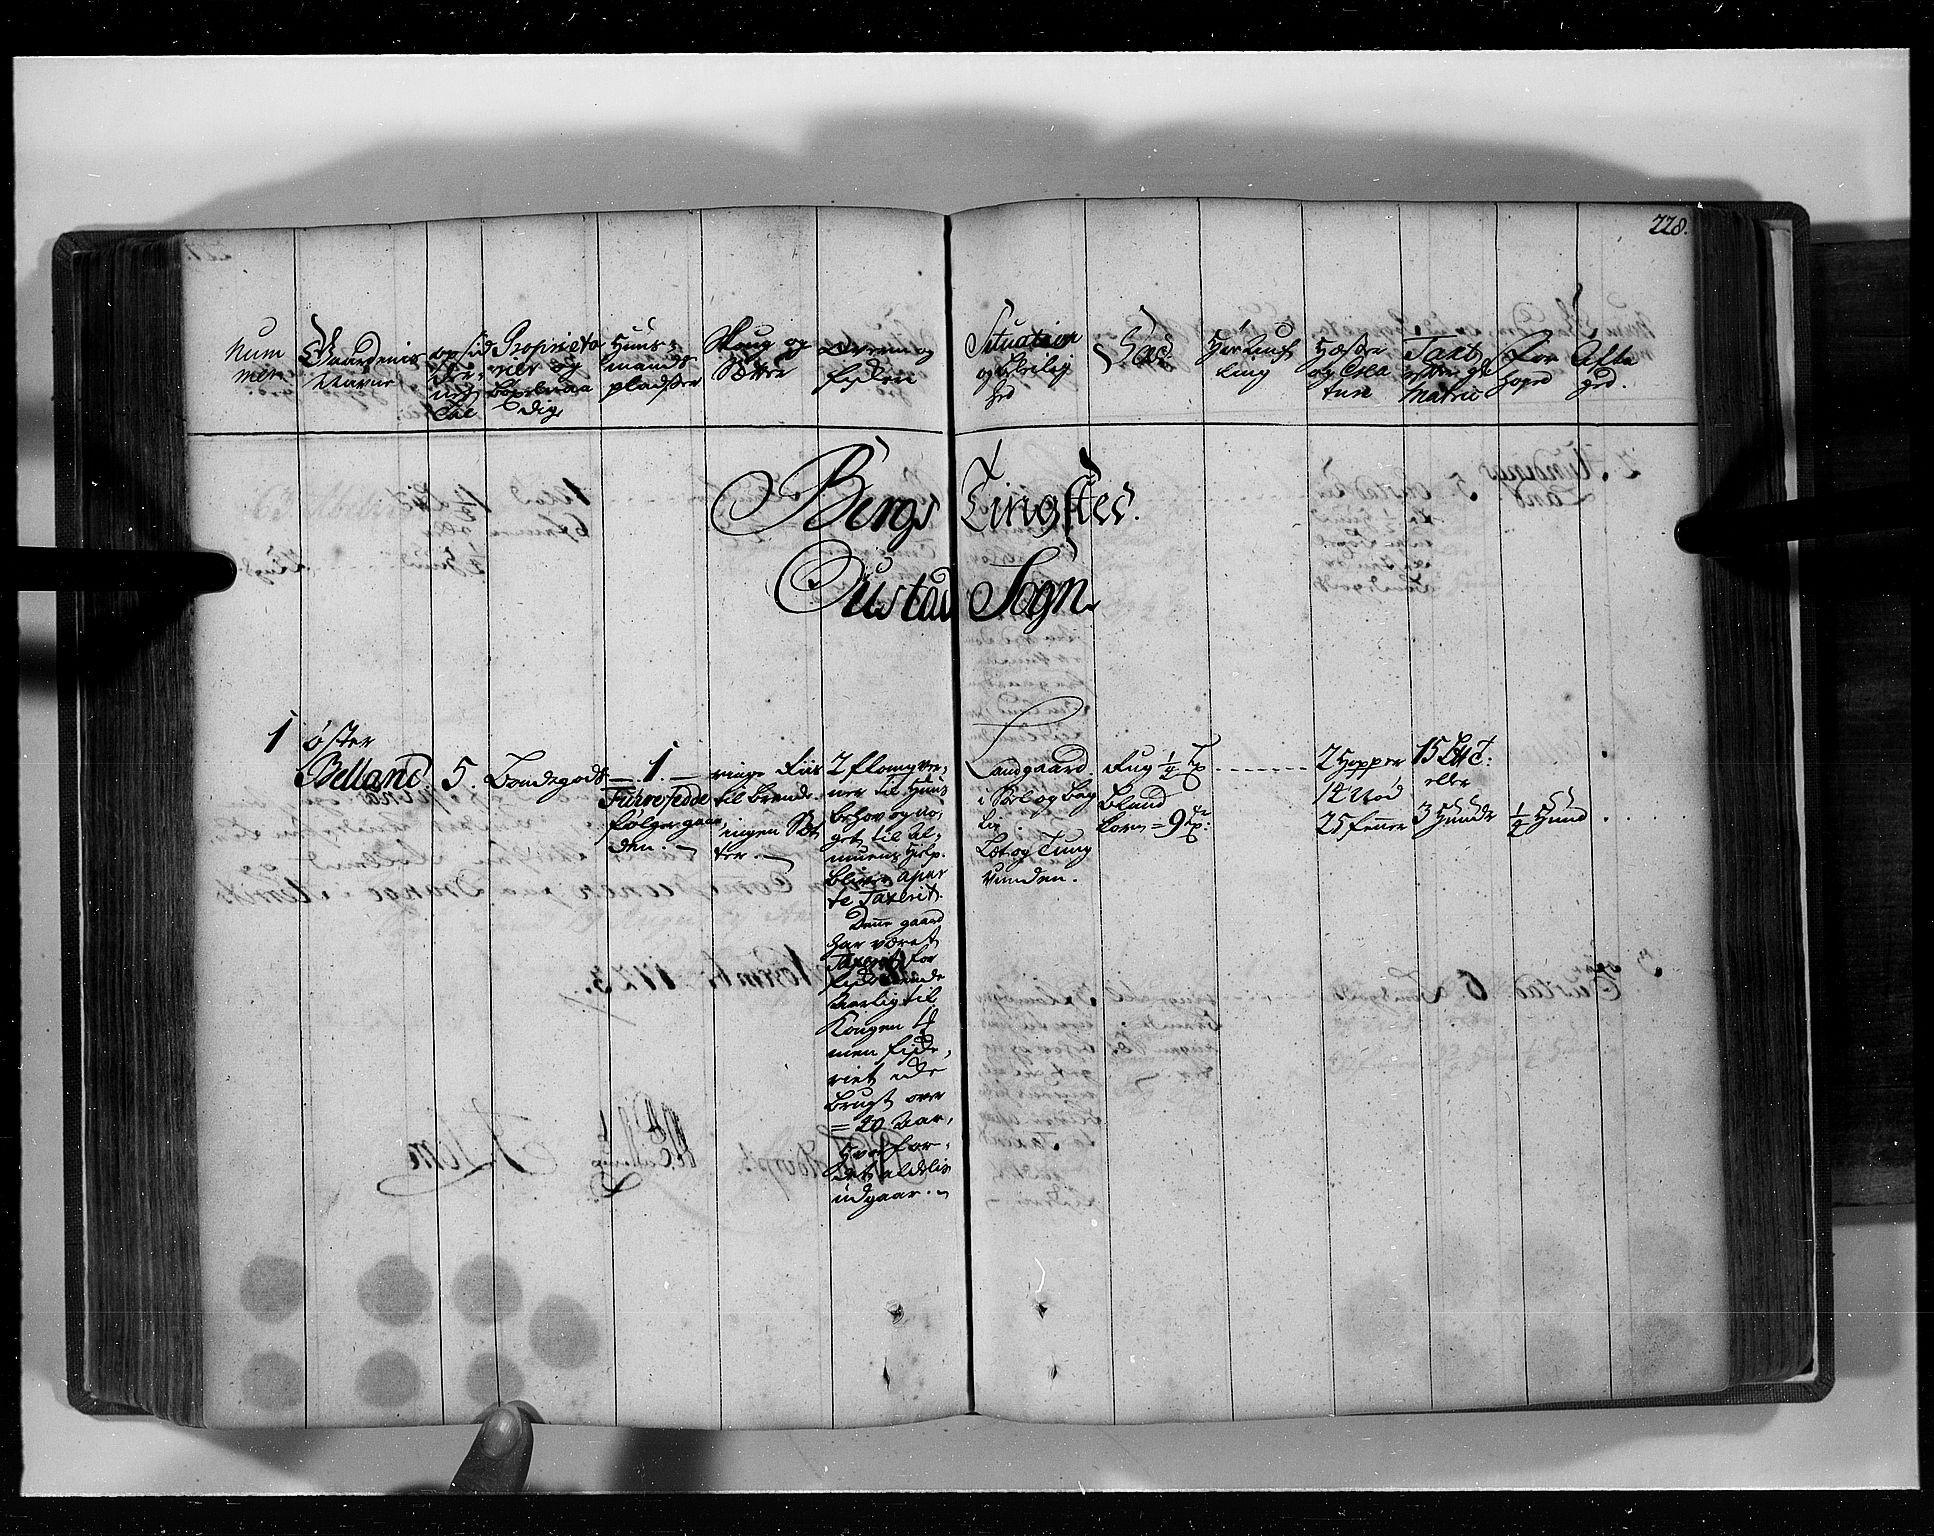 RA, Rentekammeret inntil 1814, Realistisk ordnet avdeling, N/Nb/Nbf/L0129: Lista eksaminasjonsprotokoll, 1723, s. 227b-228a